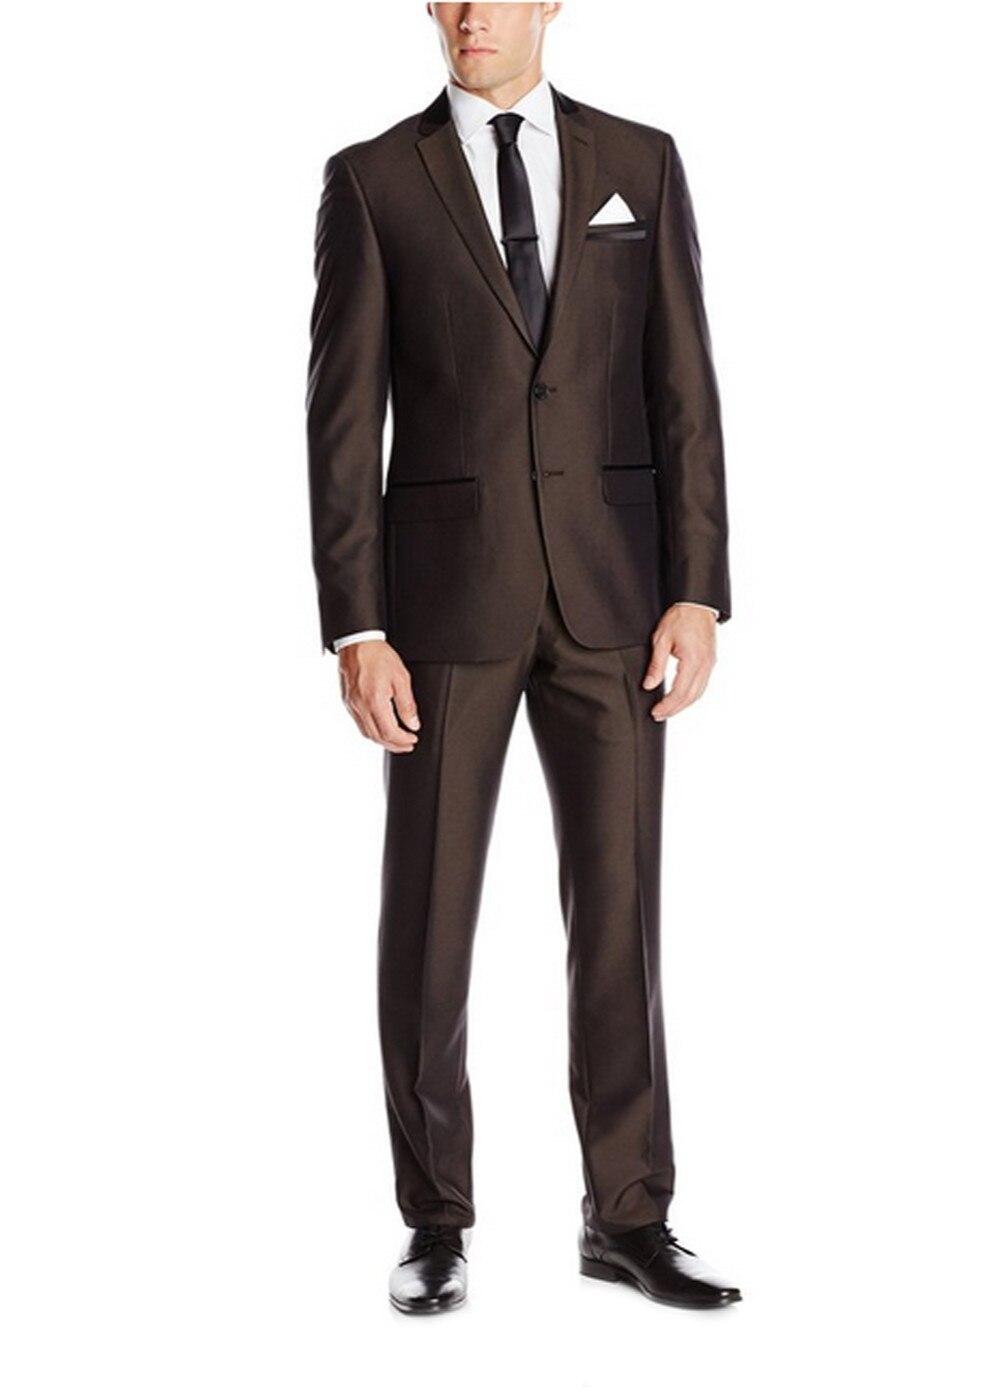 Traje para hombre esmoquin trajes de boda personalizados para hombres a medida...